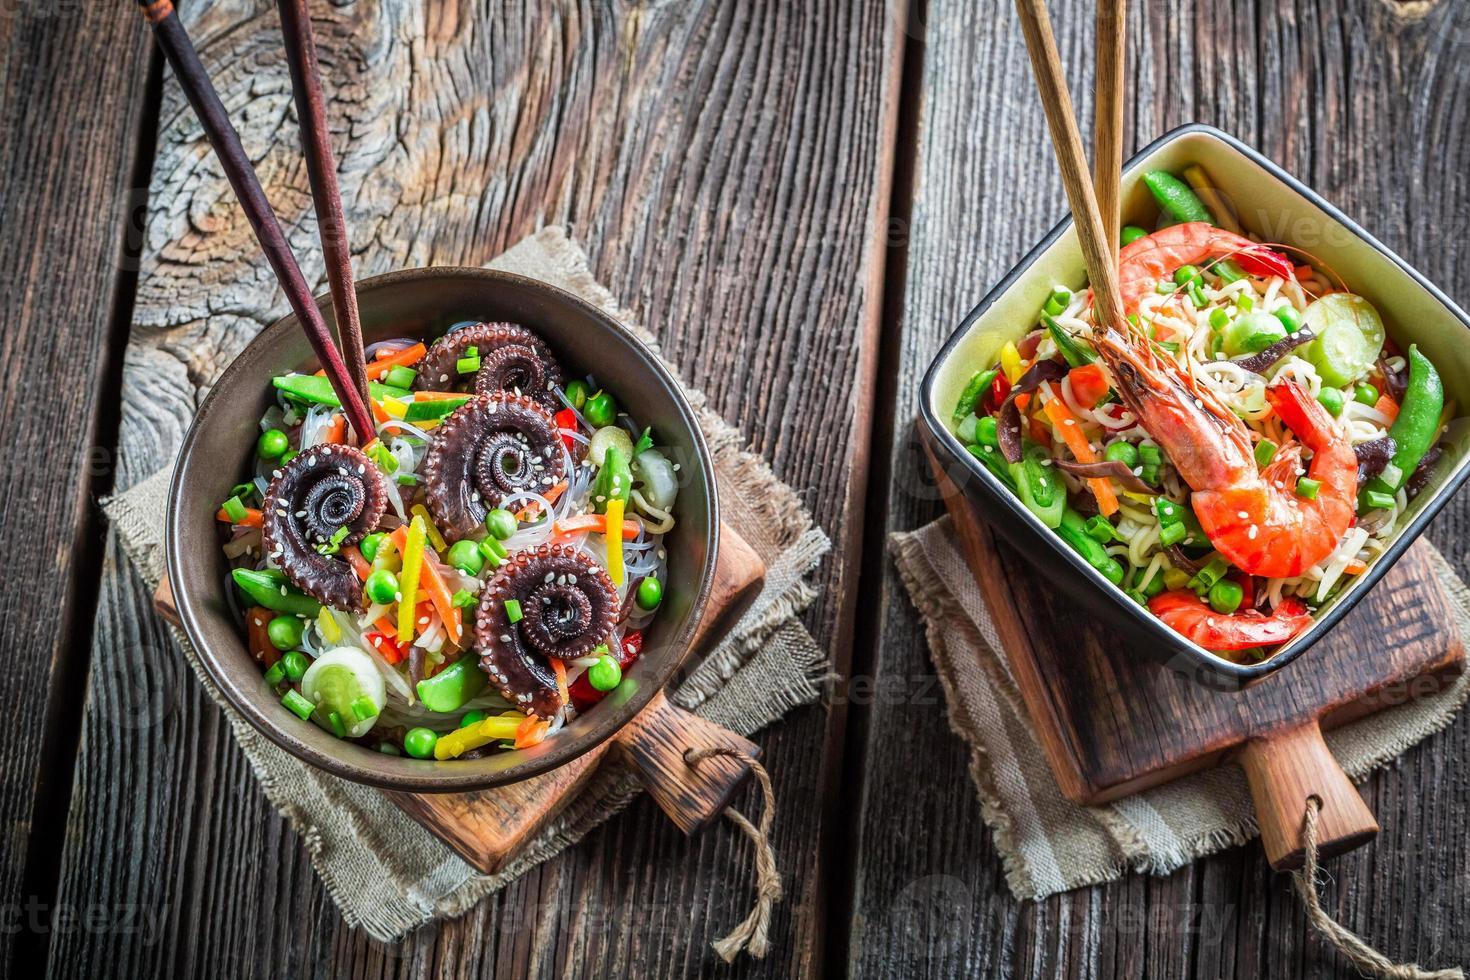 légumes avec nouilles et fruits de mer photo